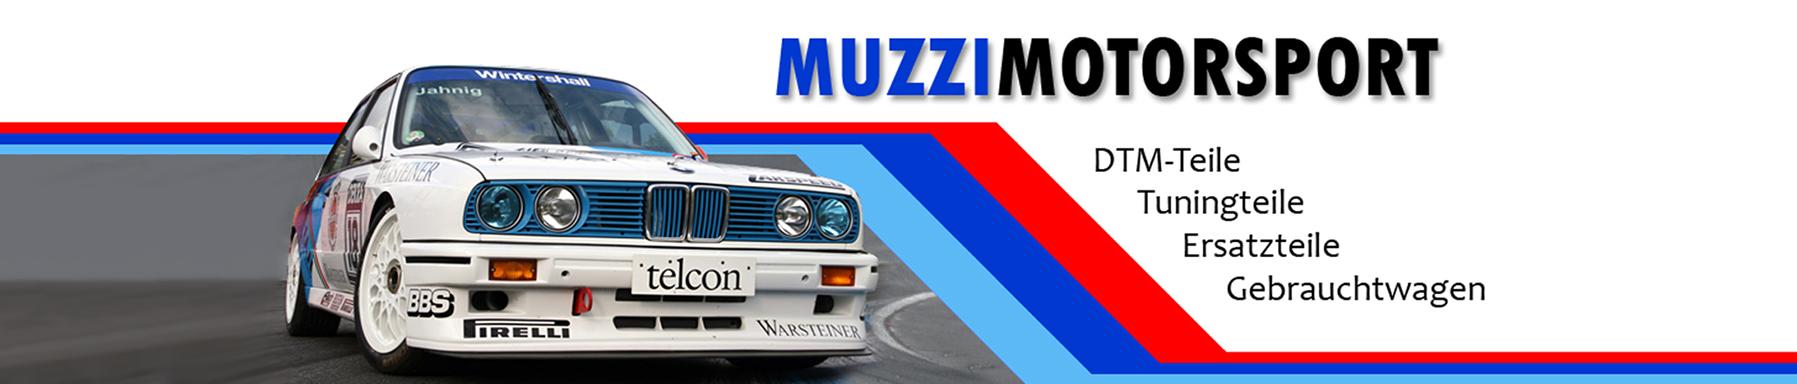 Muzzi Motorsport Telfs